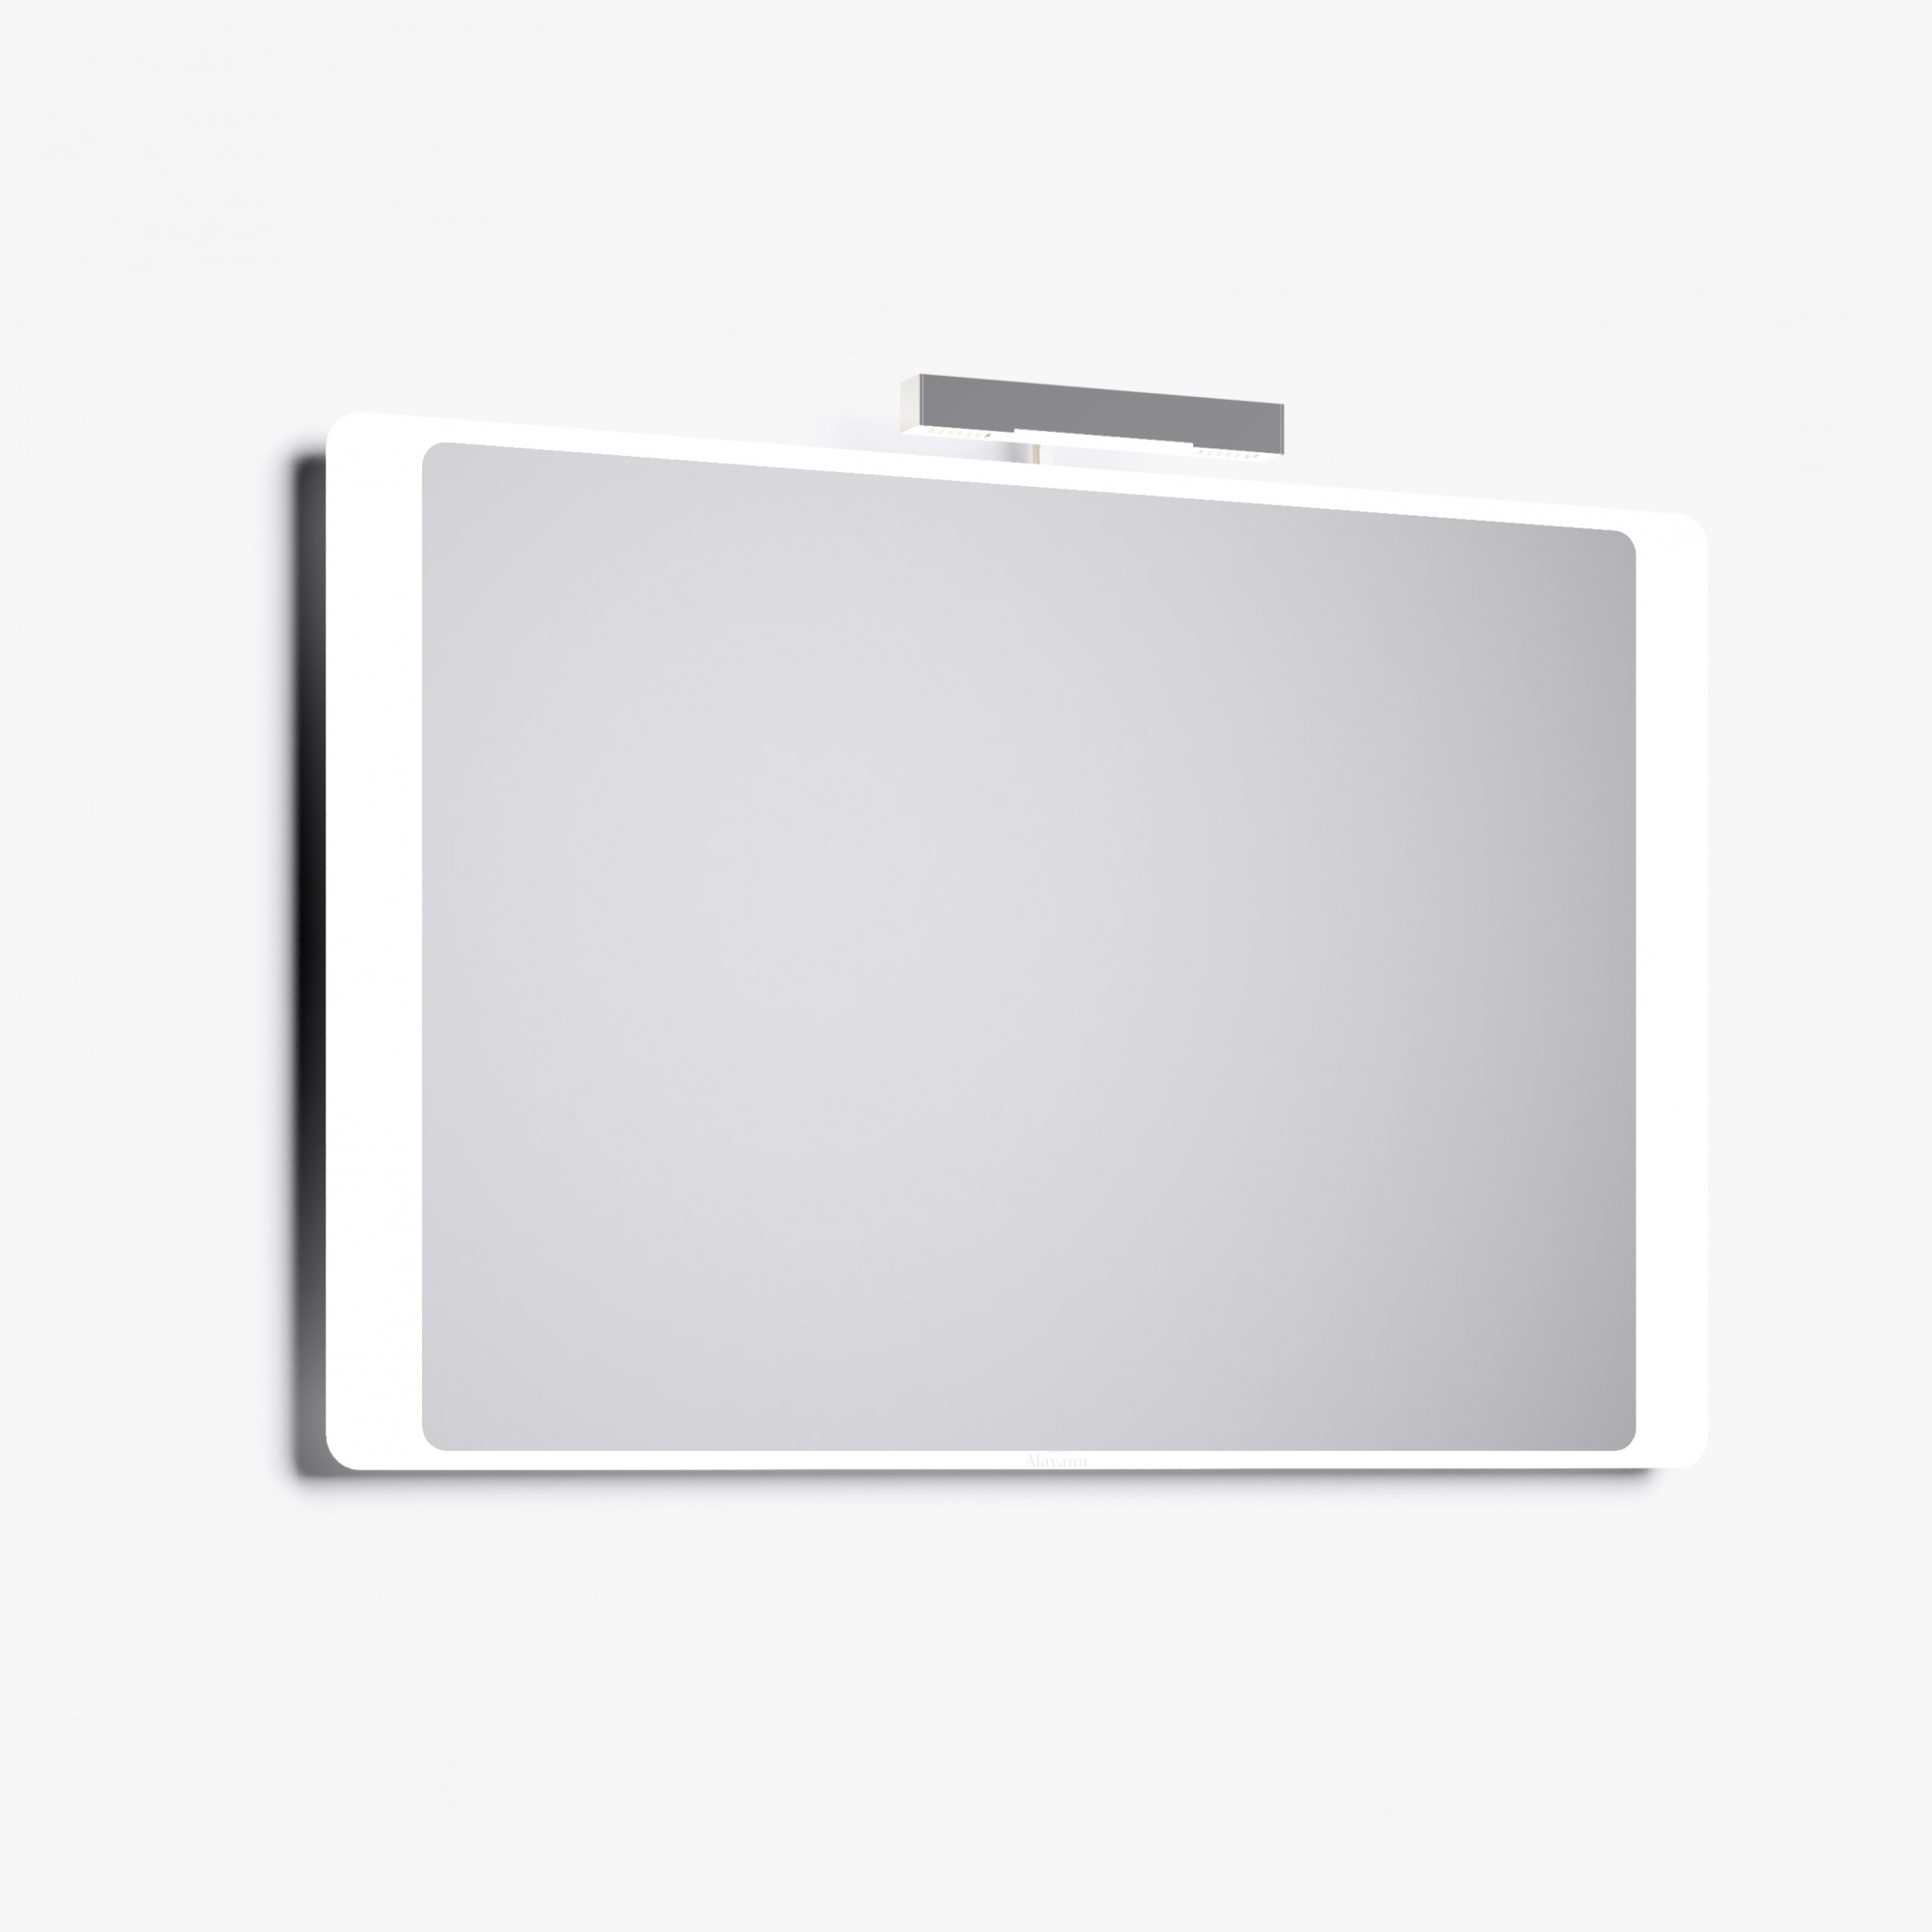 Зеркало с подсветкой Deca 90/2